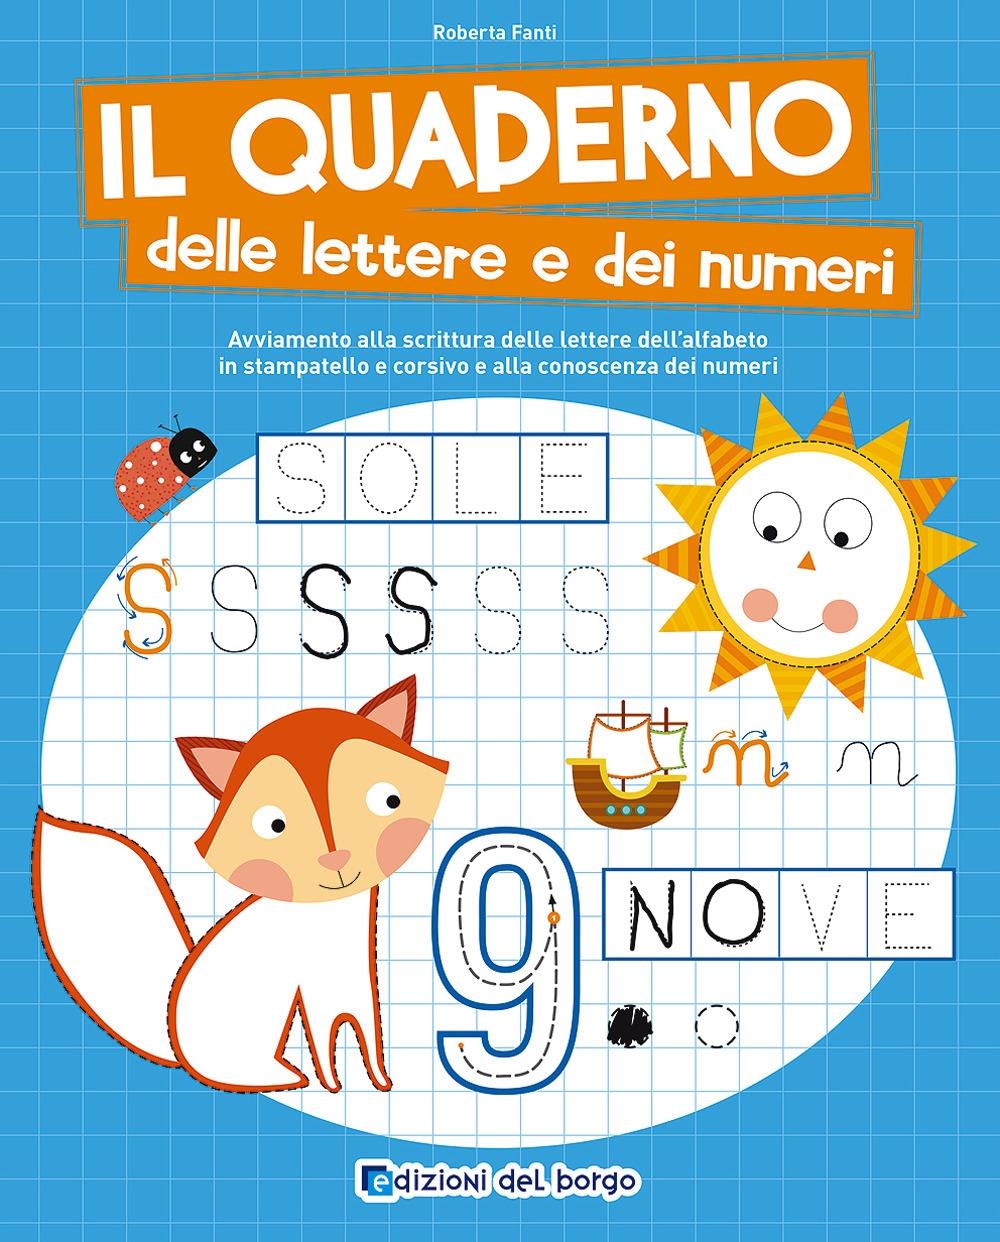 Il quaderno delle lettere e dei numeri.